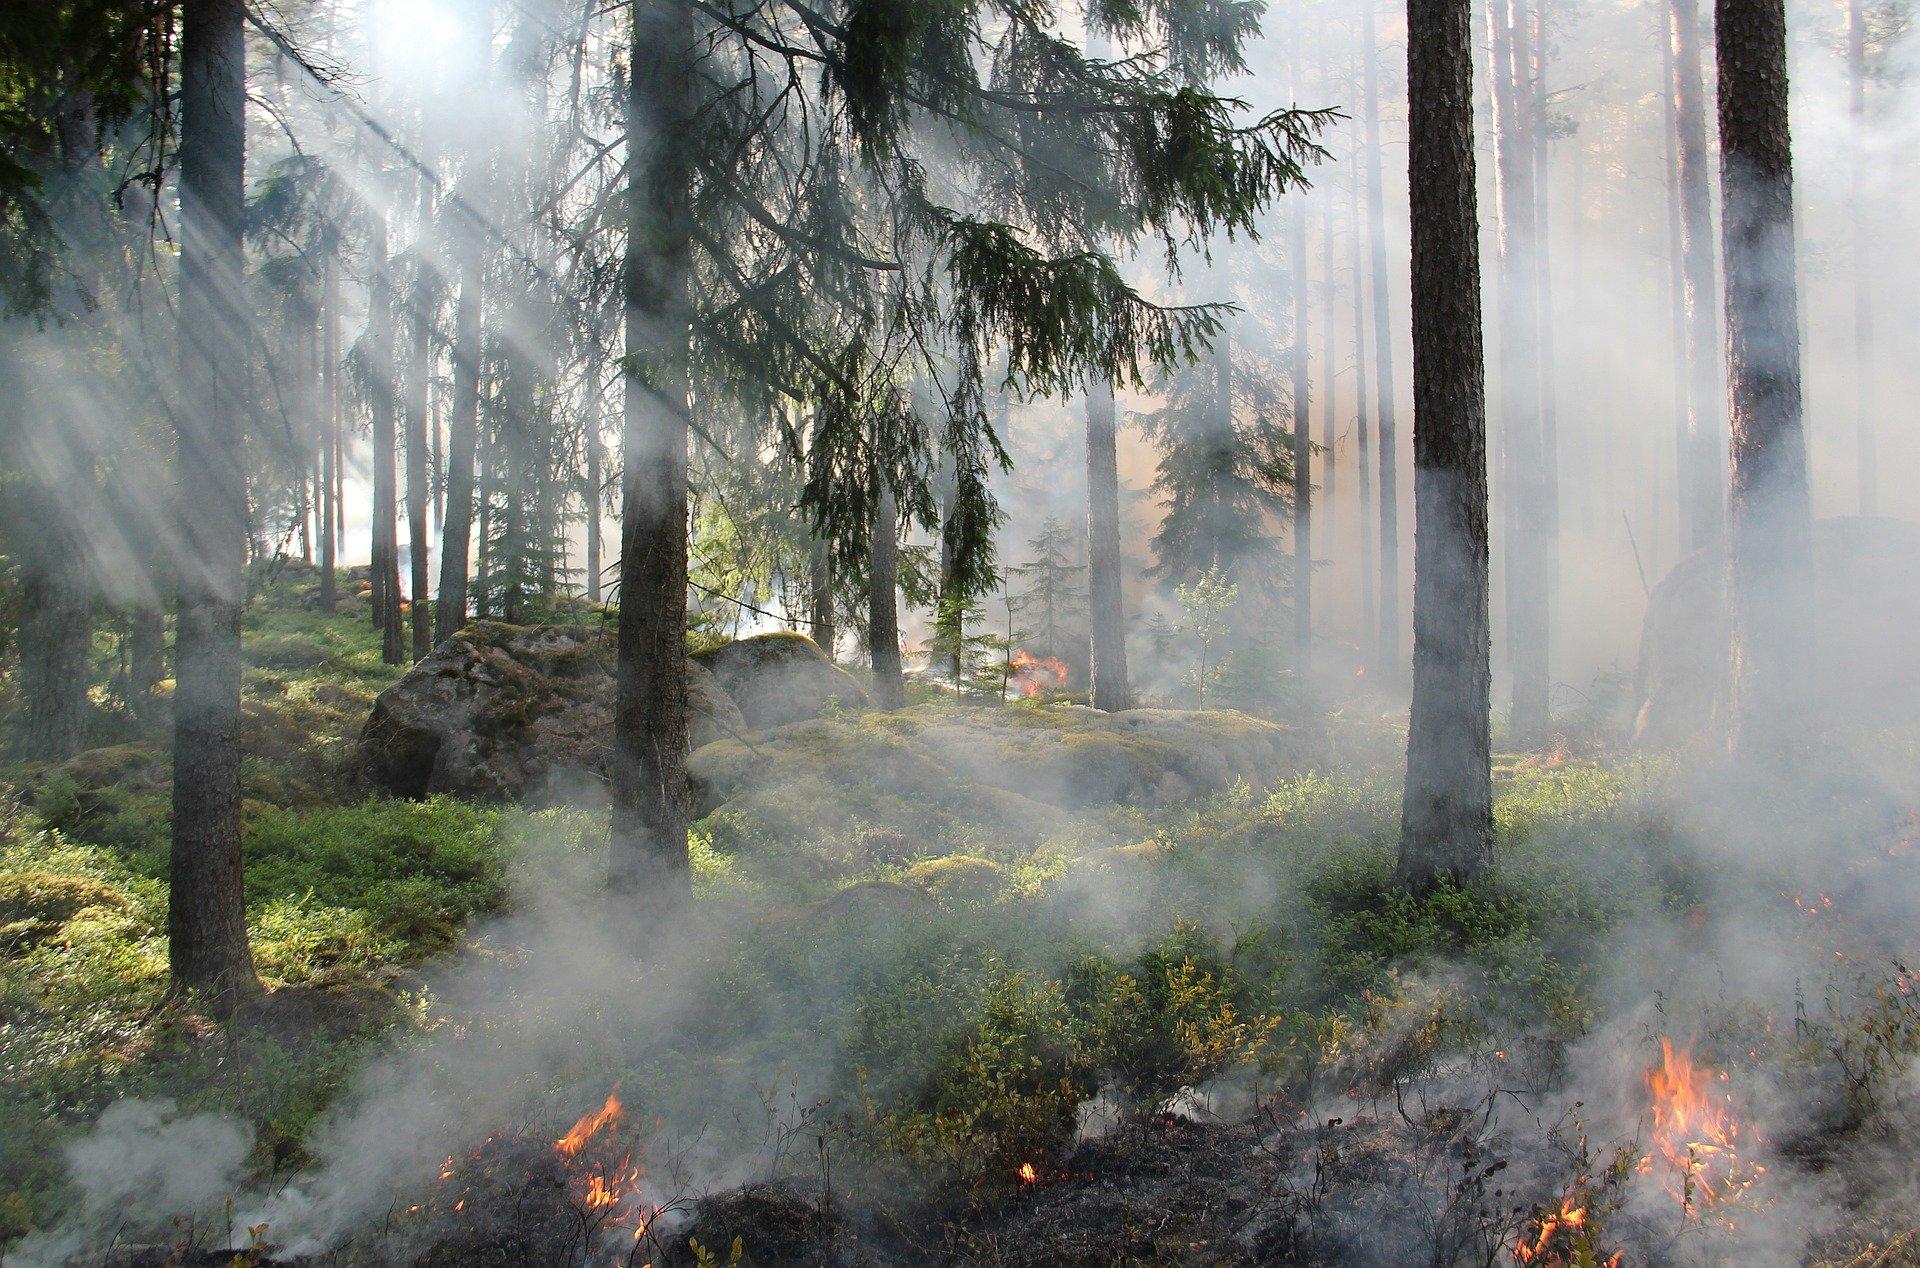 שריפה ביער